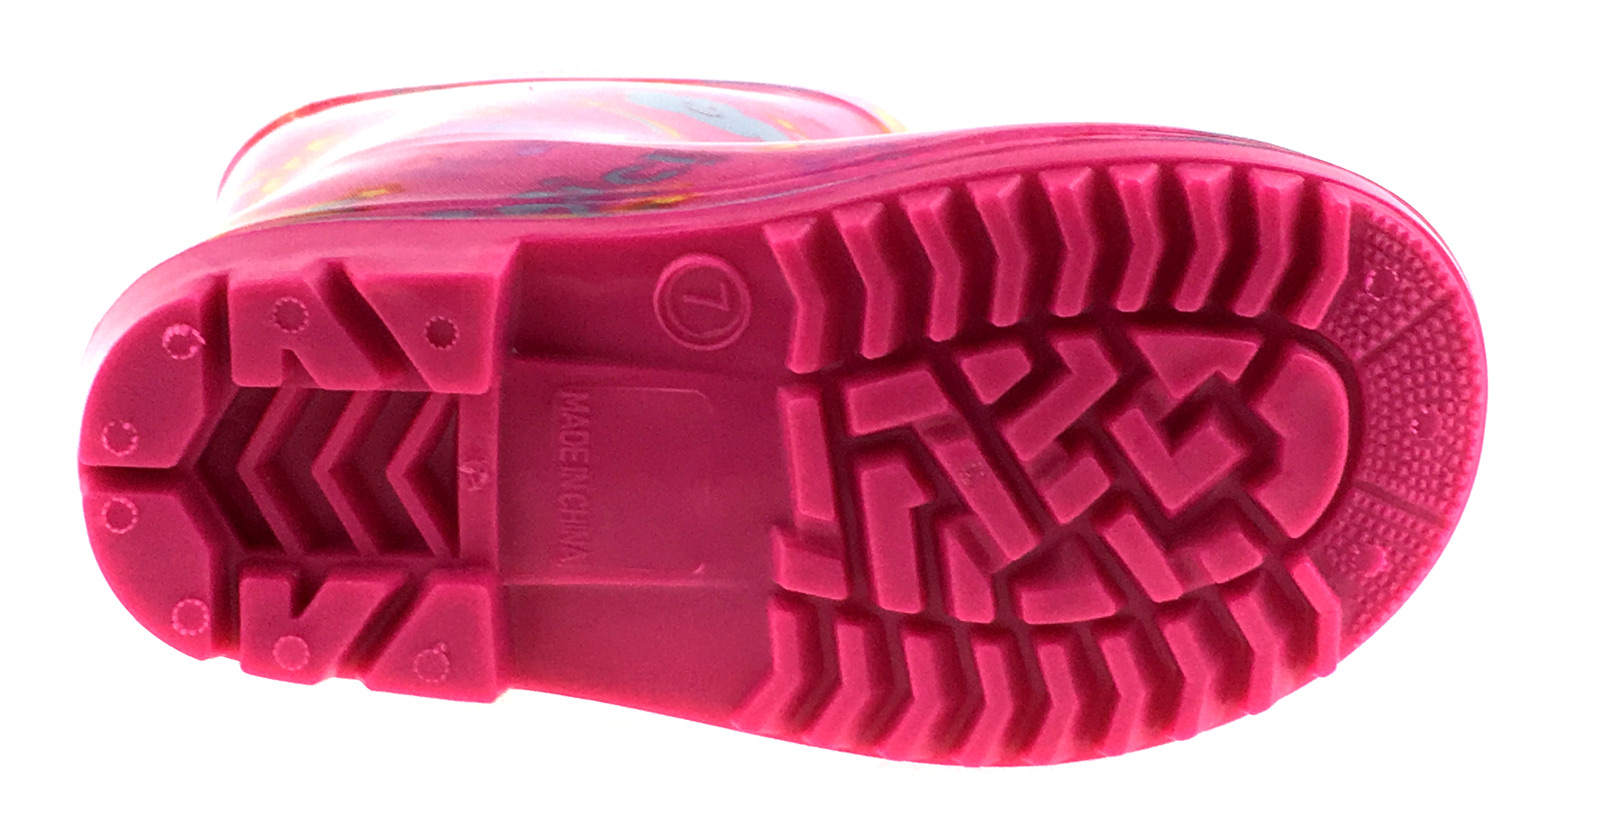 Girls-Peppa-Pig-Wellington-Boots-Mid-Calf-Gitter-Snow-Rain-Wellies-Kids-Size Indexbild 35